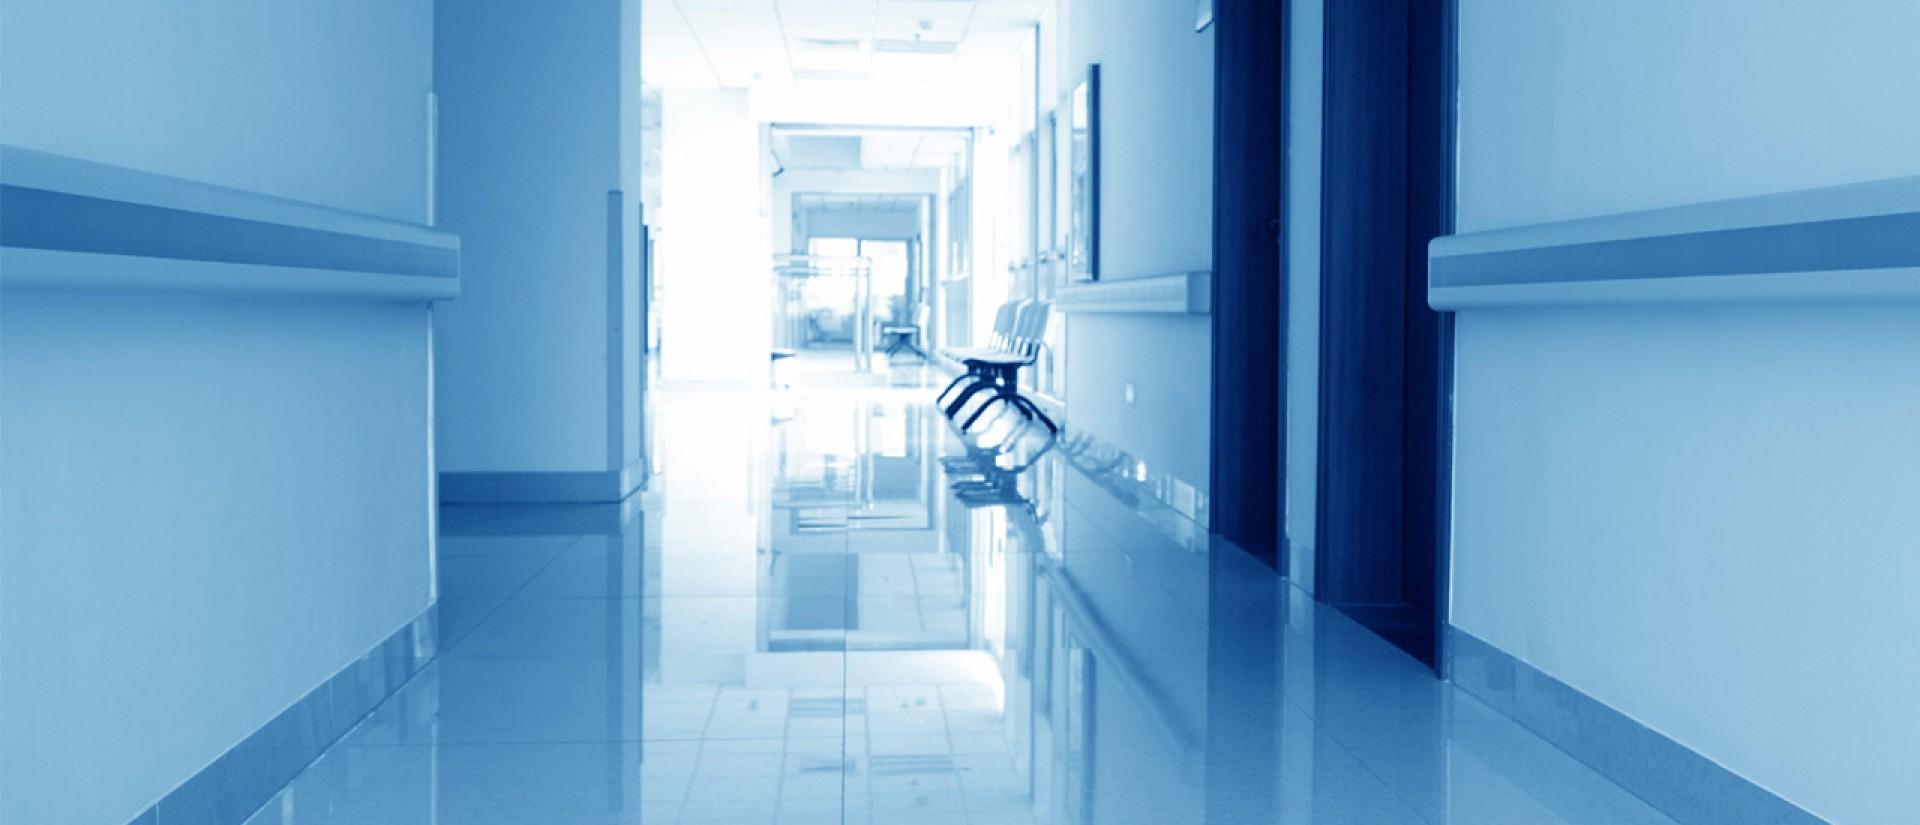 Минздрав пообещал не увольнять врачей при слиянии двух больниц